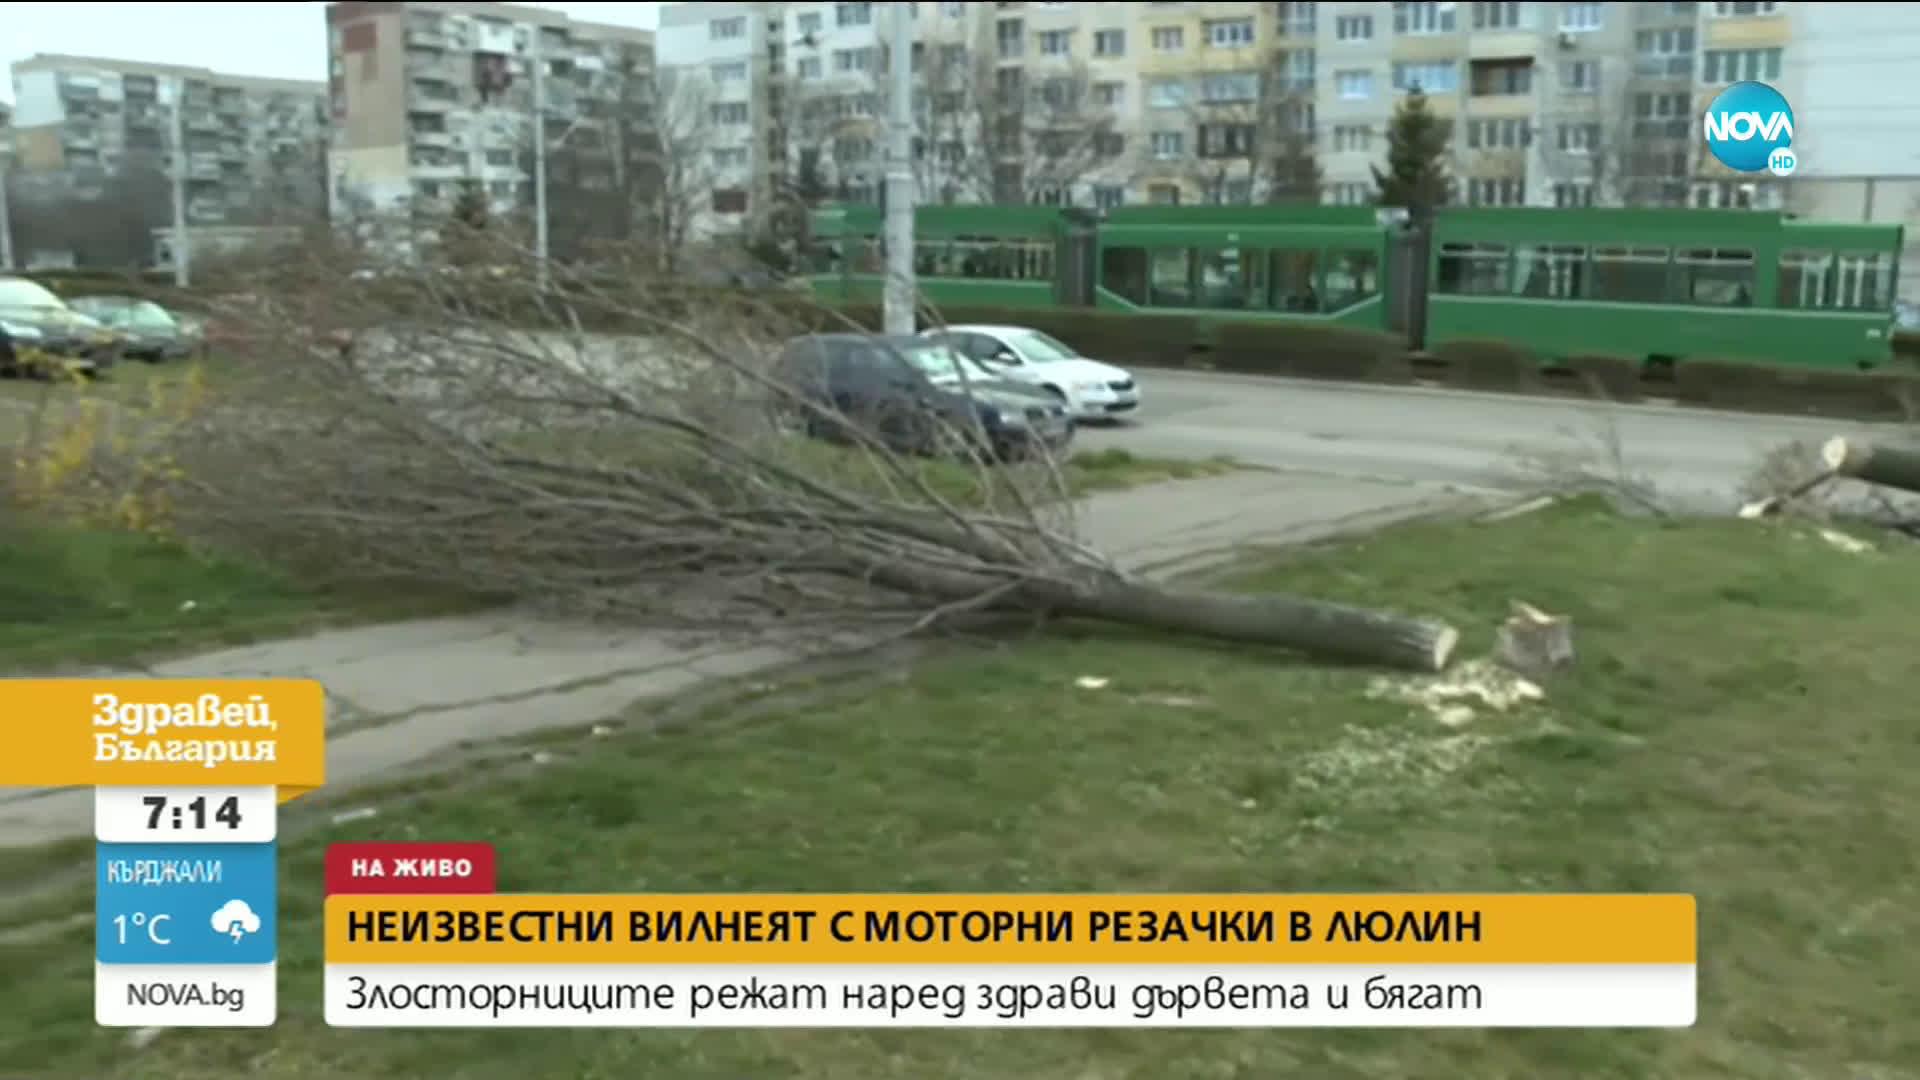 """Злосторници режат наред здрави дървета в """"Люлин"""" и бягат"""